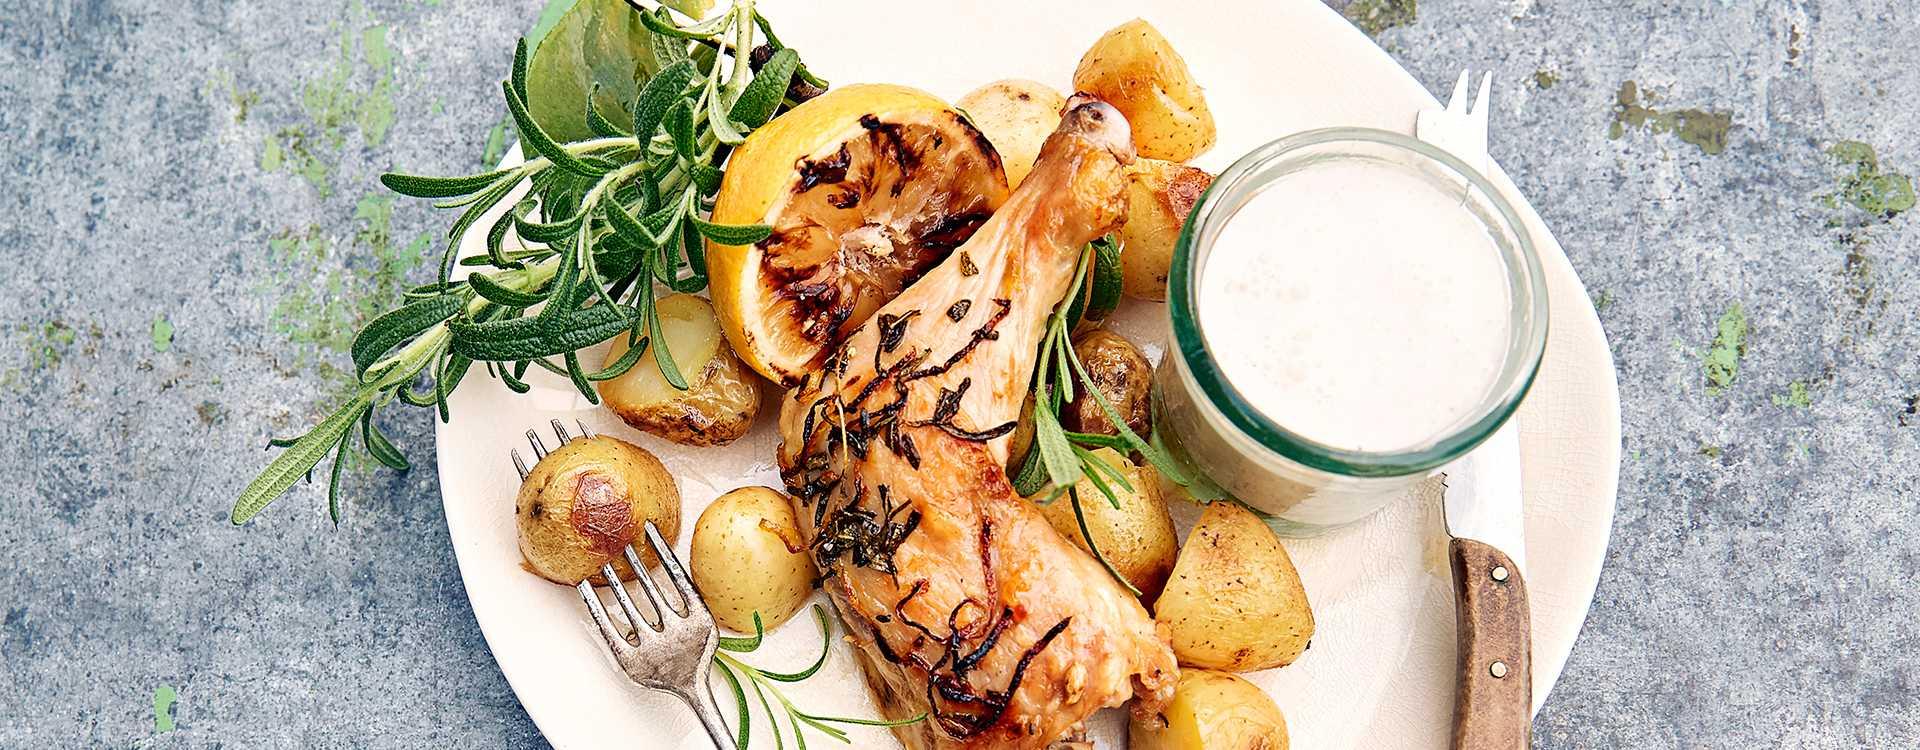 Grillet sitron- og rosmarinkylling med parmesankrem